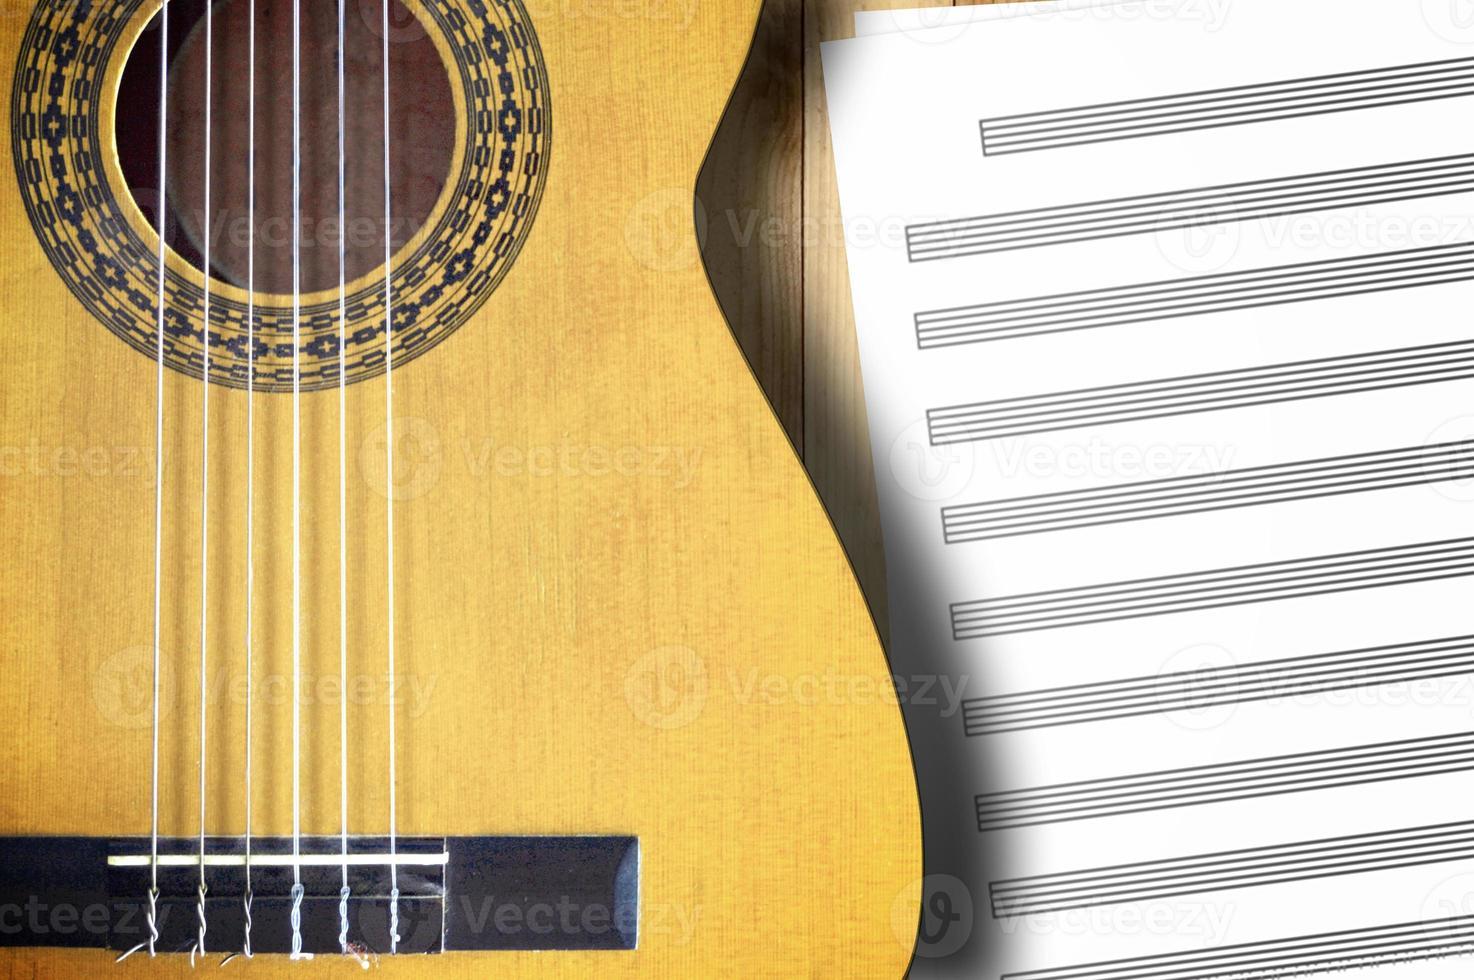 chitarra spagnola con fogli spartiti vuoti. foto